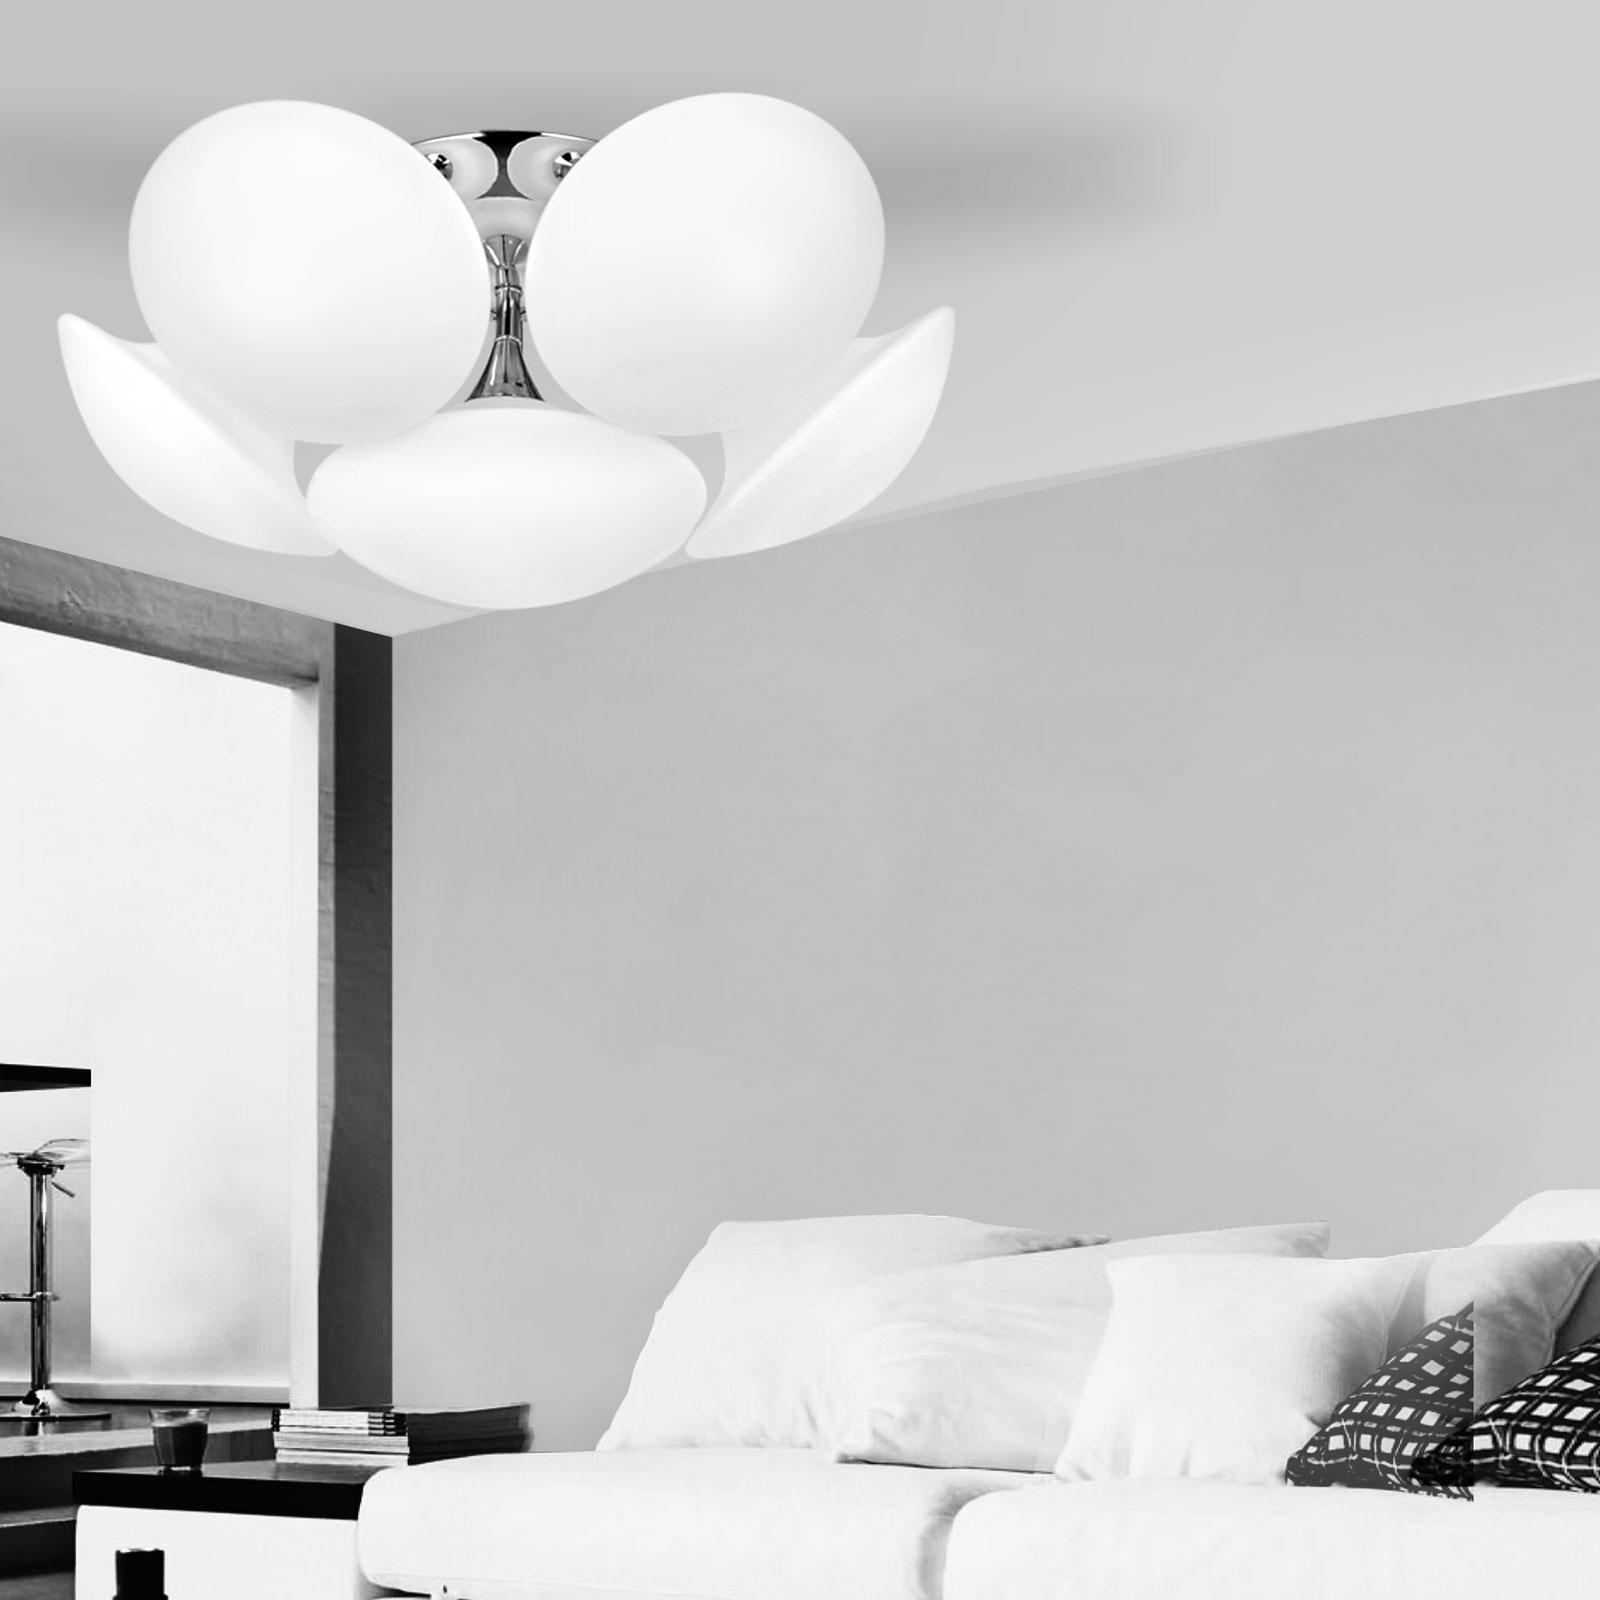 Full Size of Lampen Wohnzimmer Design Led Deckenlampe 6 Falmmig Deckenleuchte Glas Board Stehlampen Fototapeten Designer Esstisch Stehleuchte Kommode Liege Stehlampe Wohnzimmer Lampen Wohnzimmer